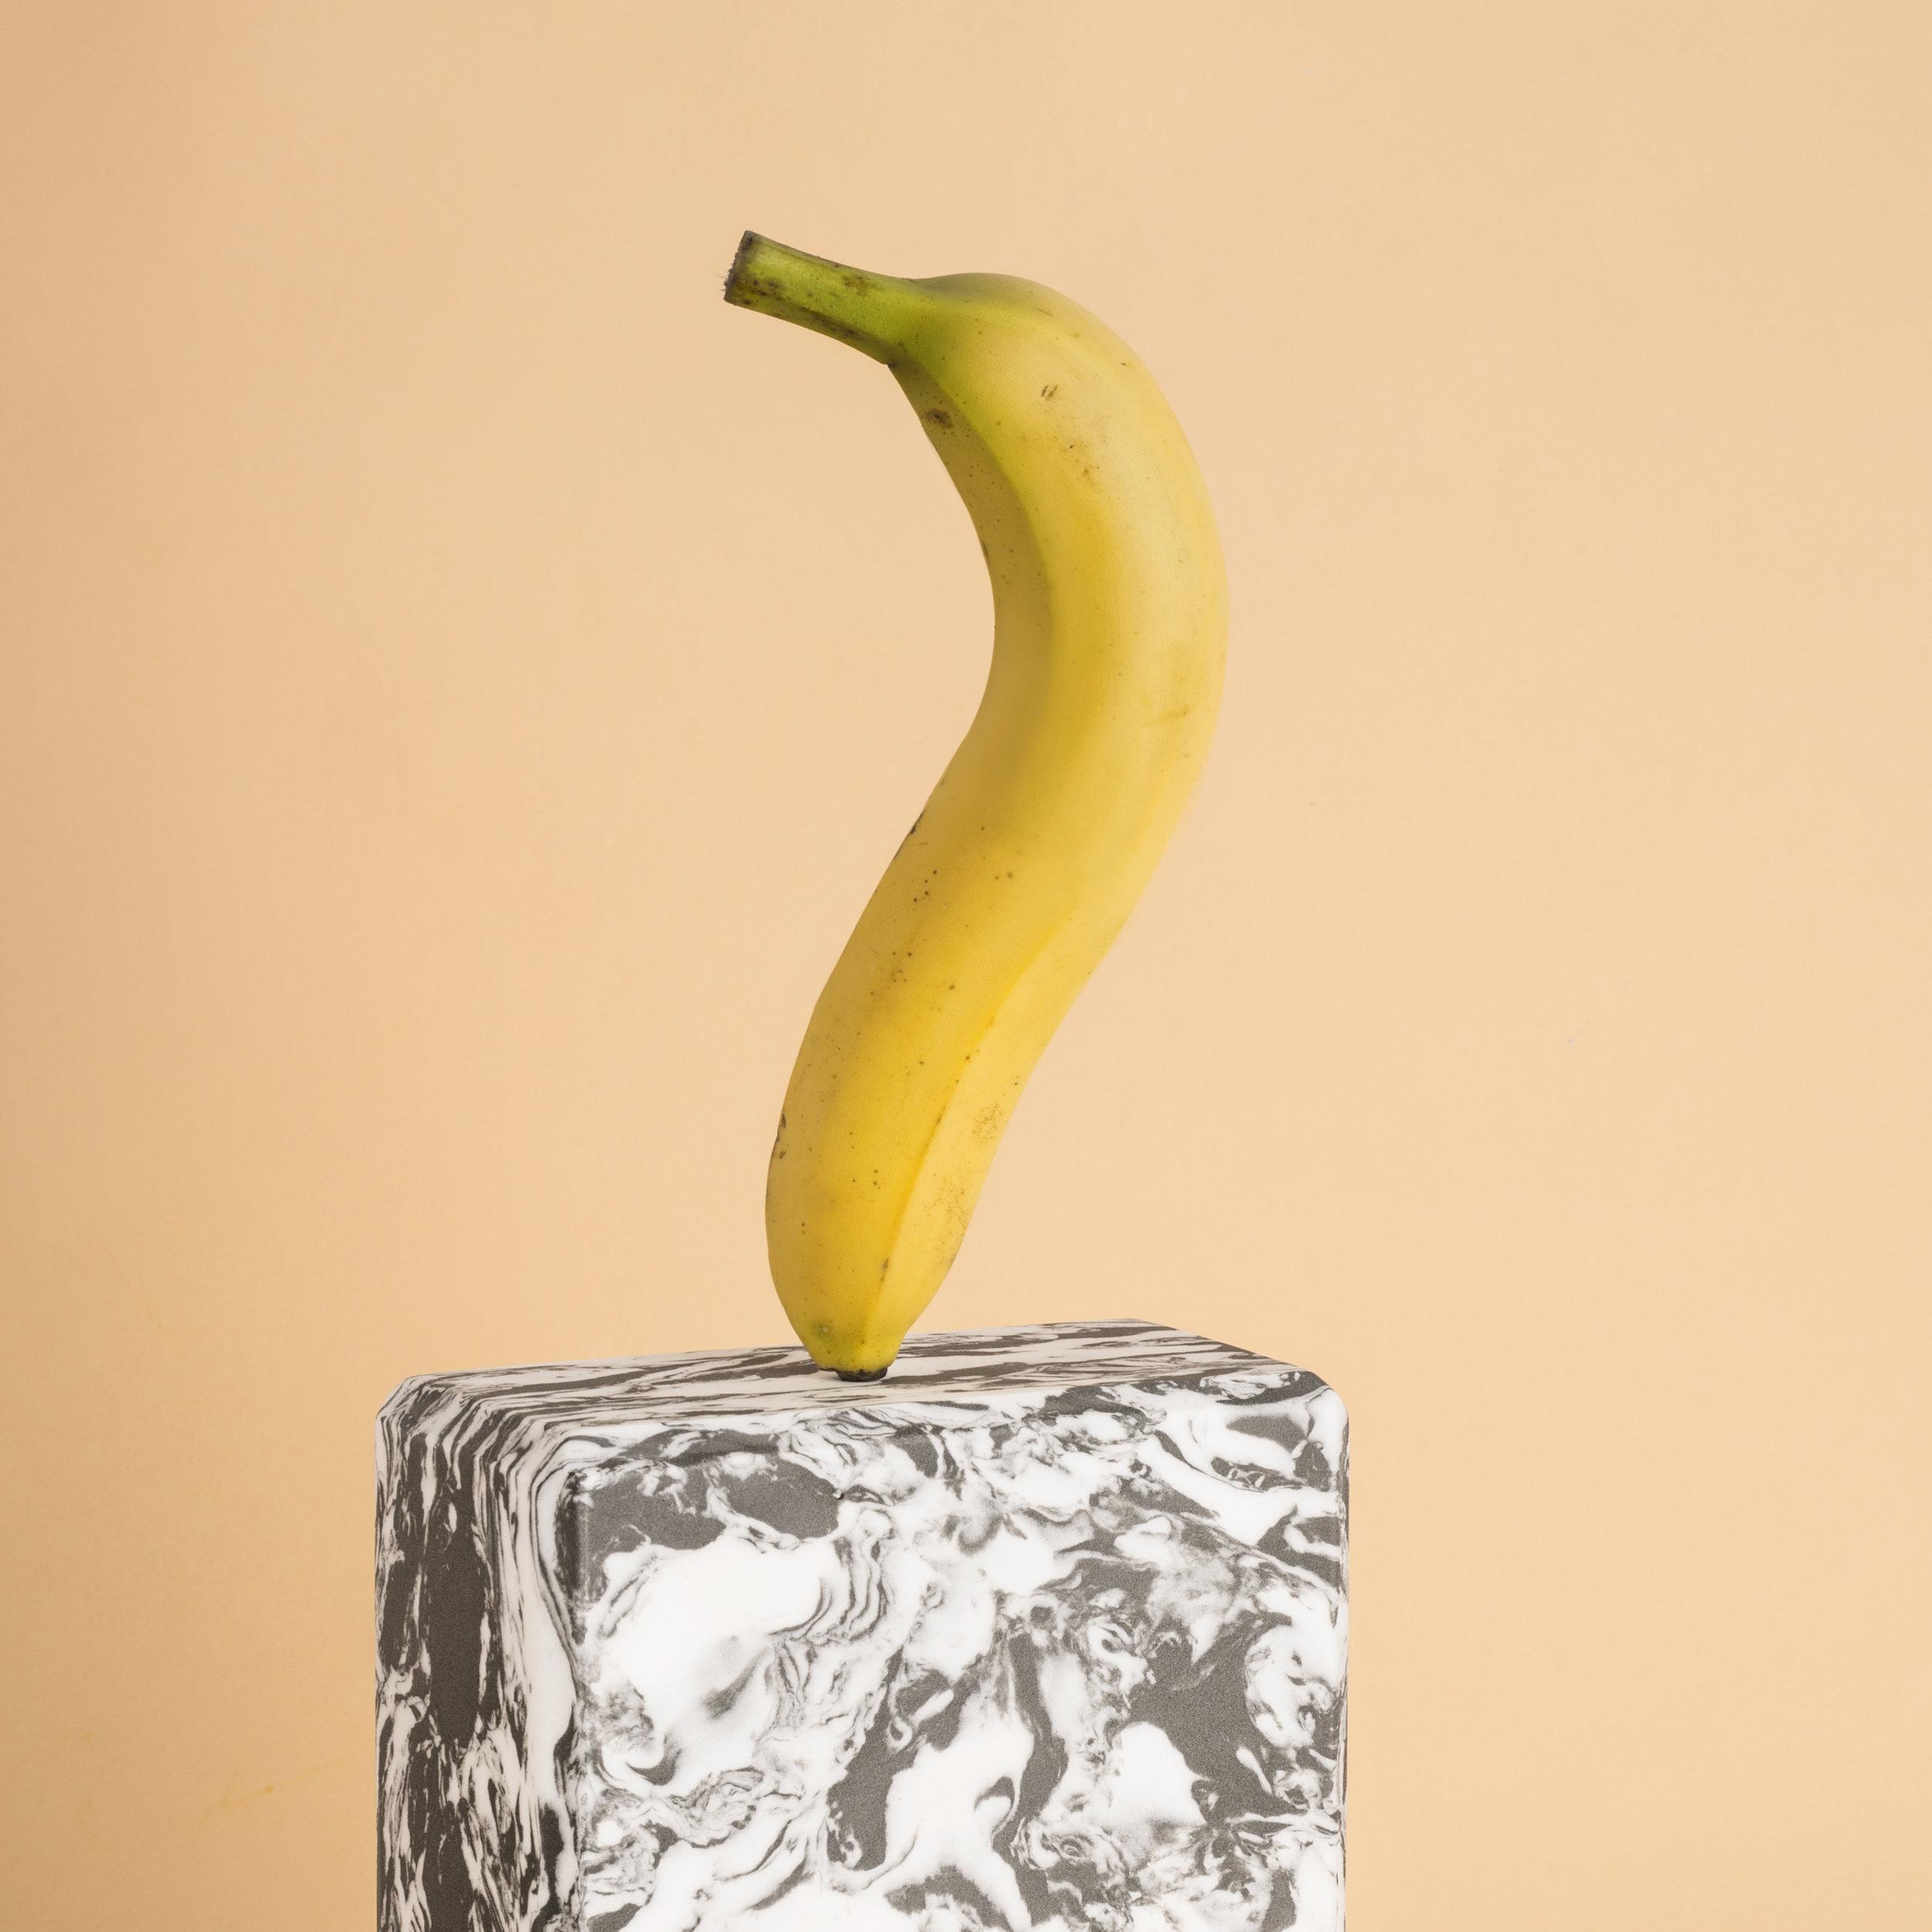 Weird banana.jpg